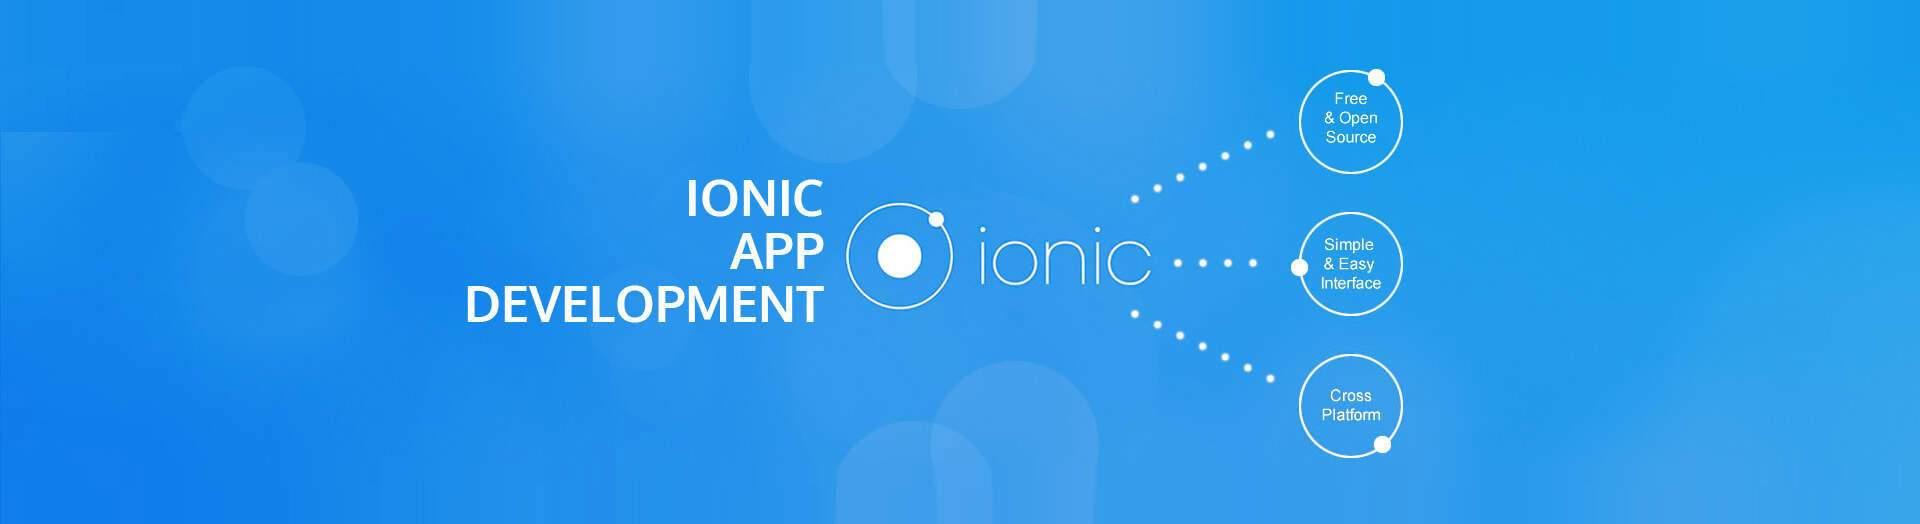 Iconic App Development Company